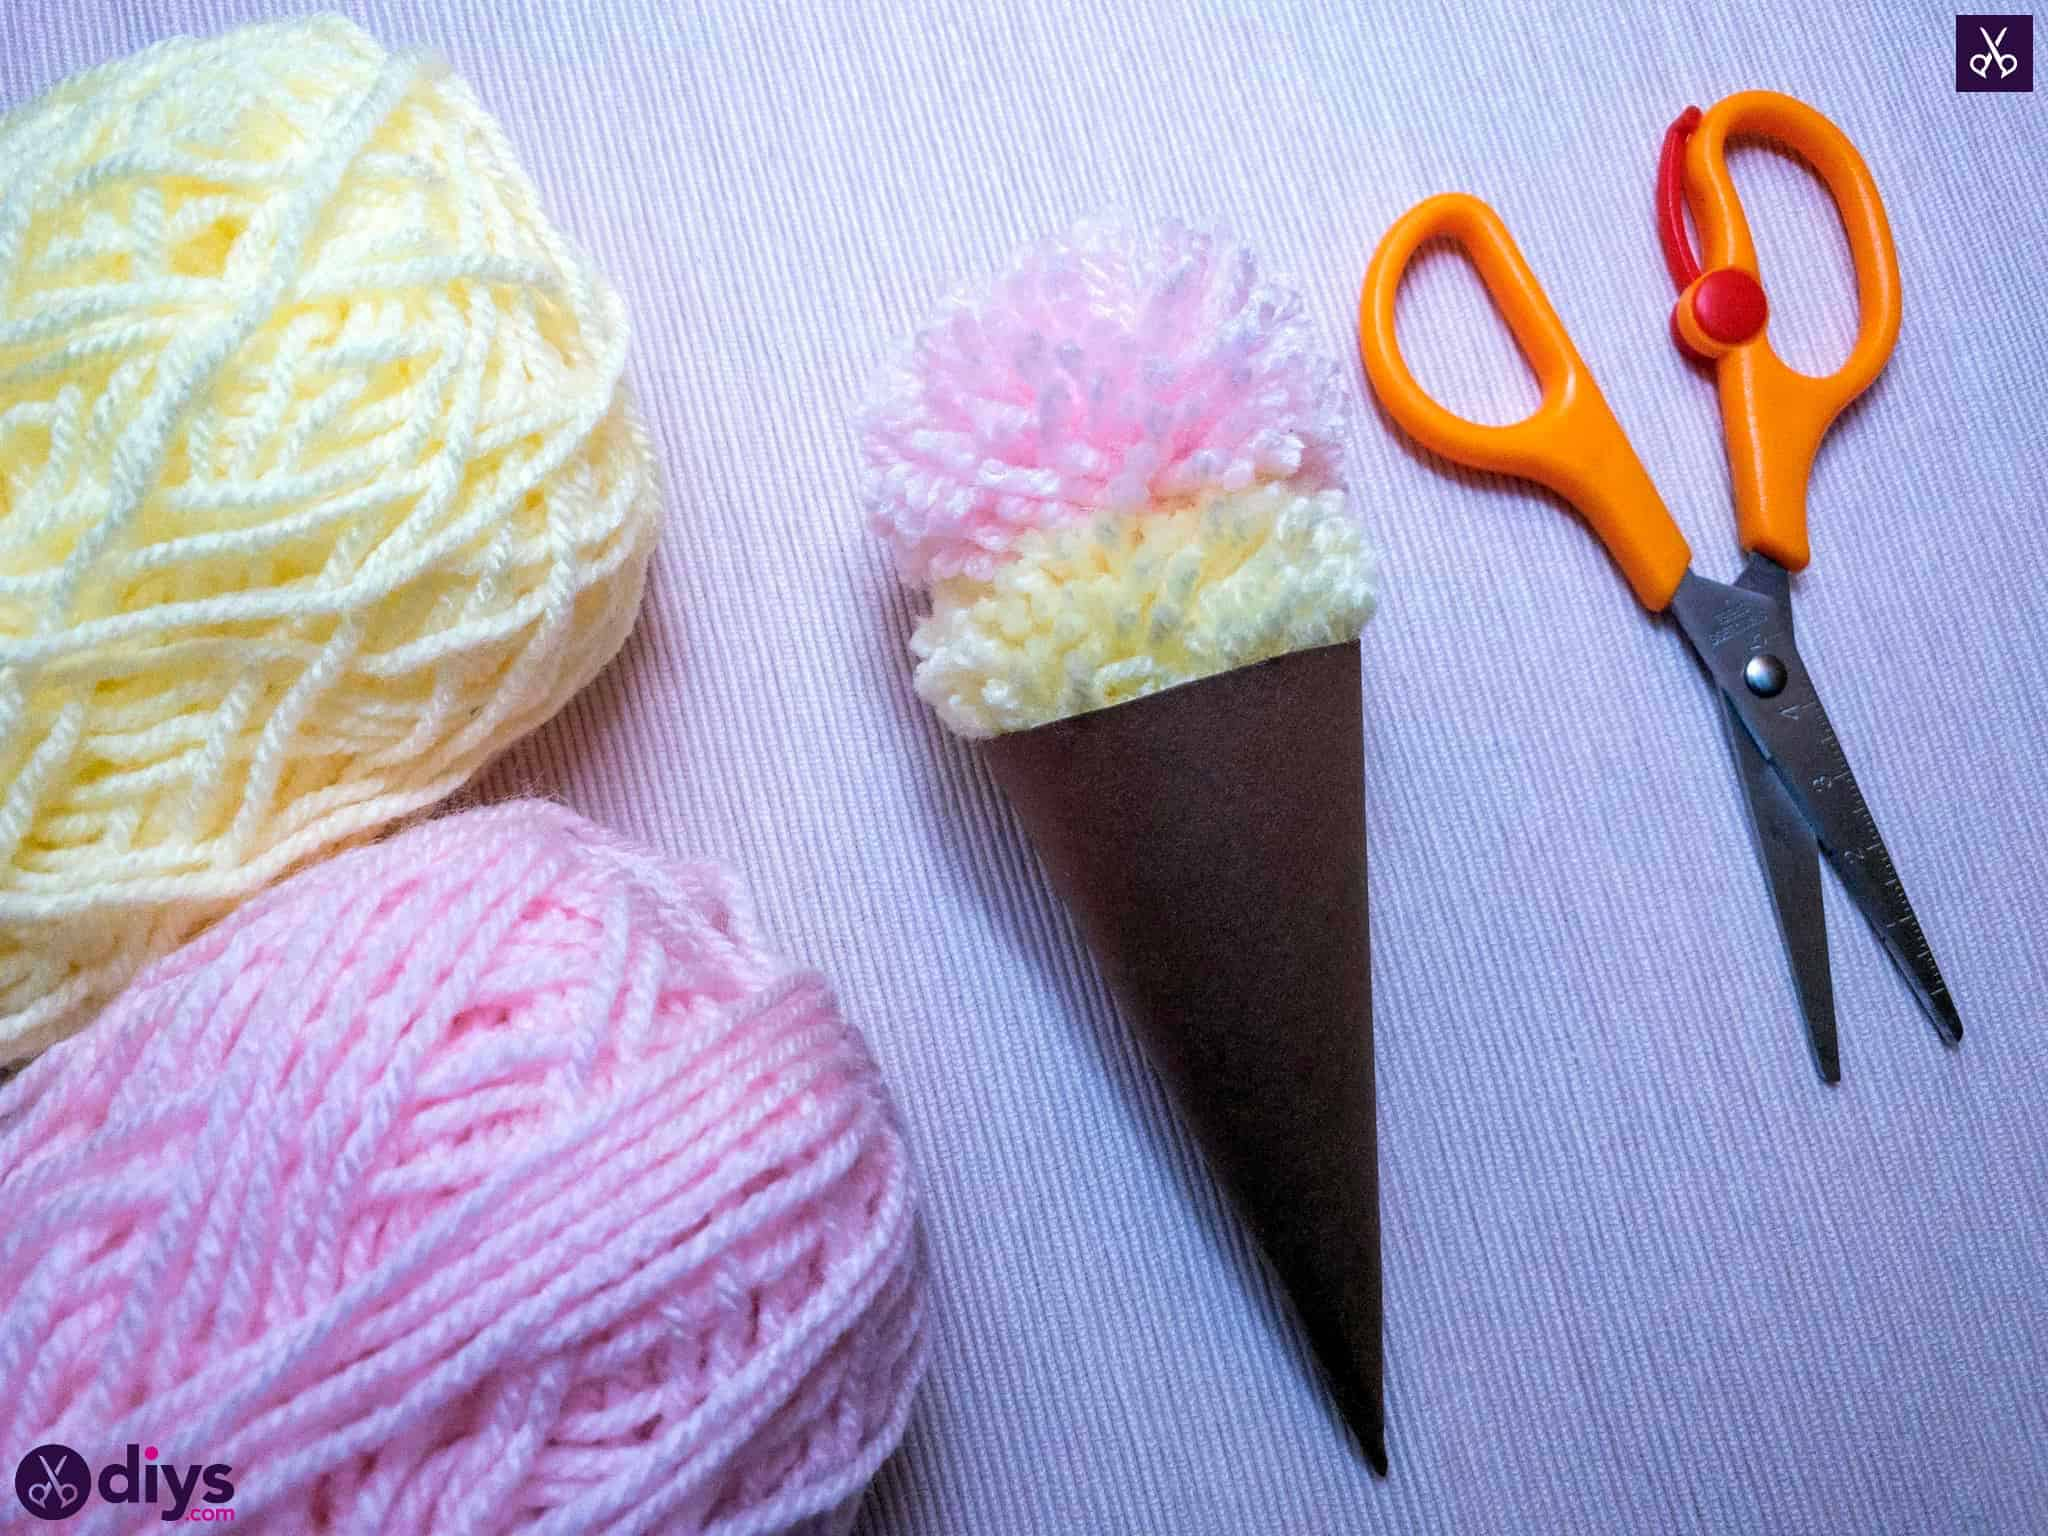 Diy how to make an ice cream pom pom